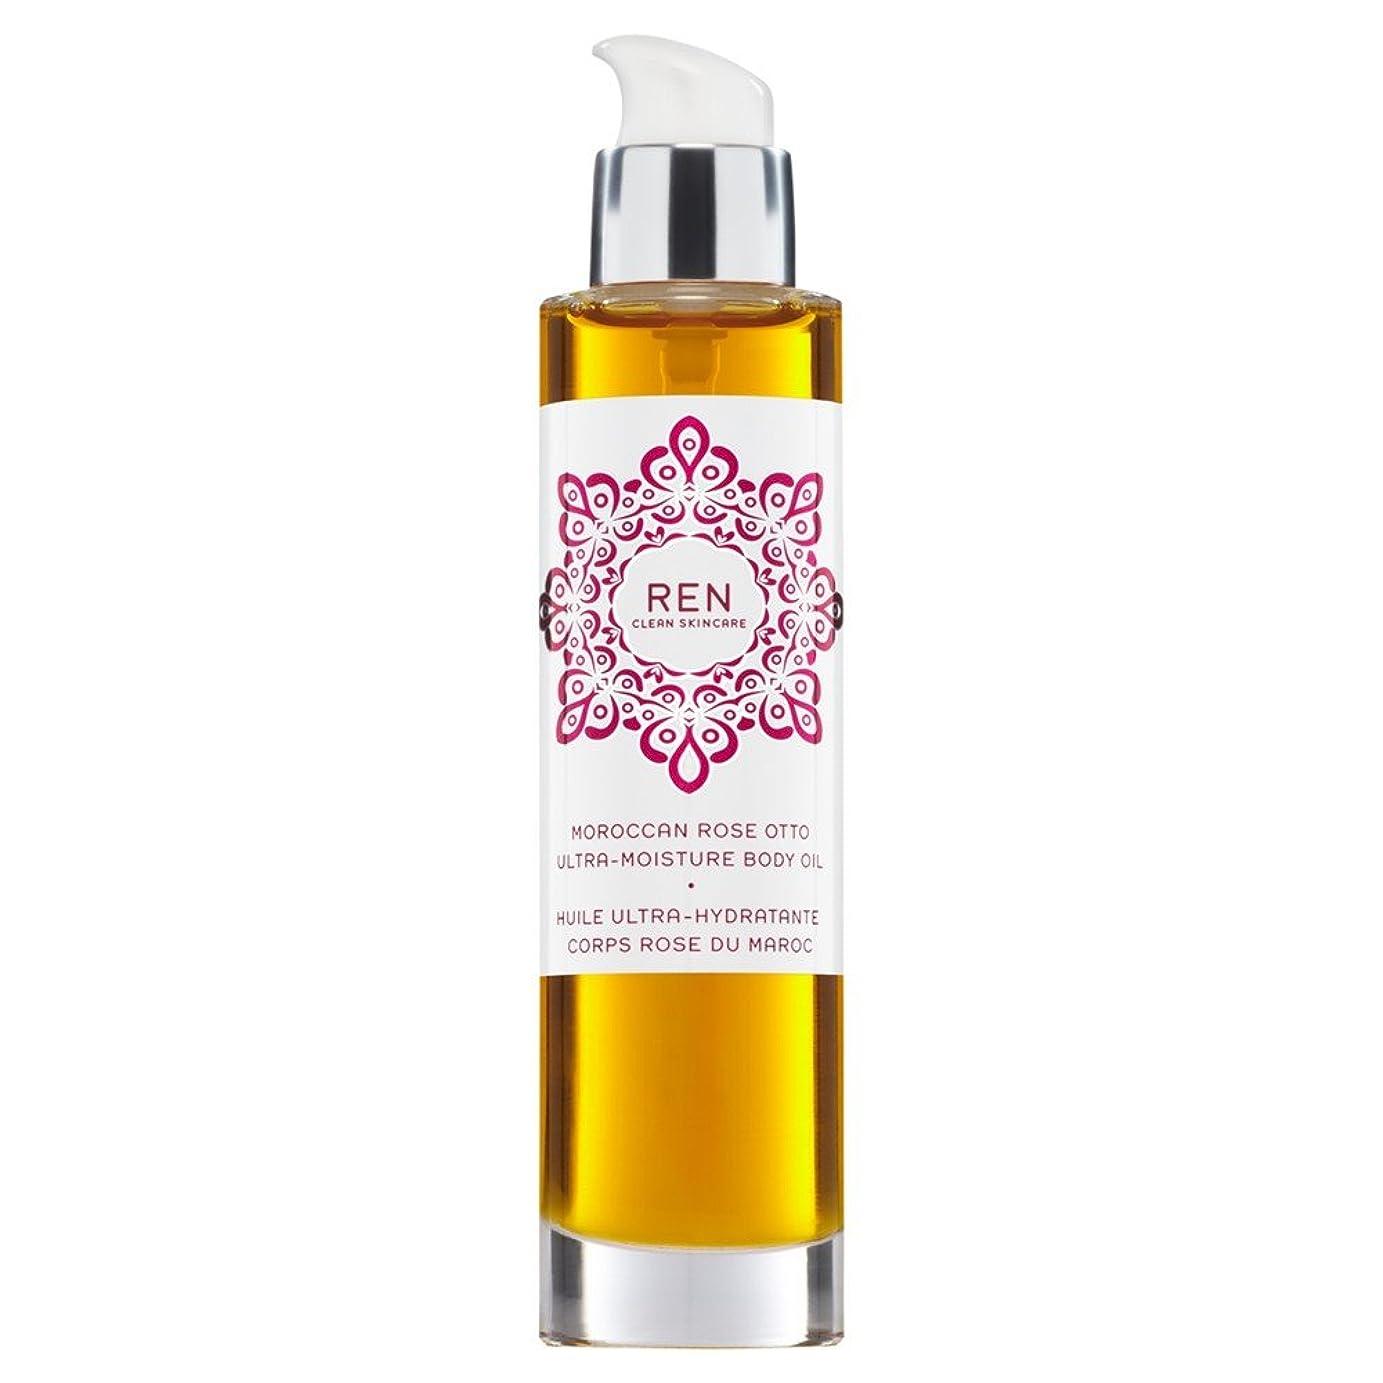 周術期原油ブームRenモロッコはオットー超水分ボディオイル100ミリリットルをバラ (REN) (x6) - REN Moroccan Rose Otto Ultra-Moisture Body Oil 100ml (Pack of 6) [並行輸入品]